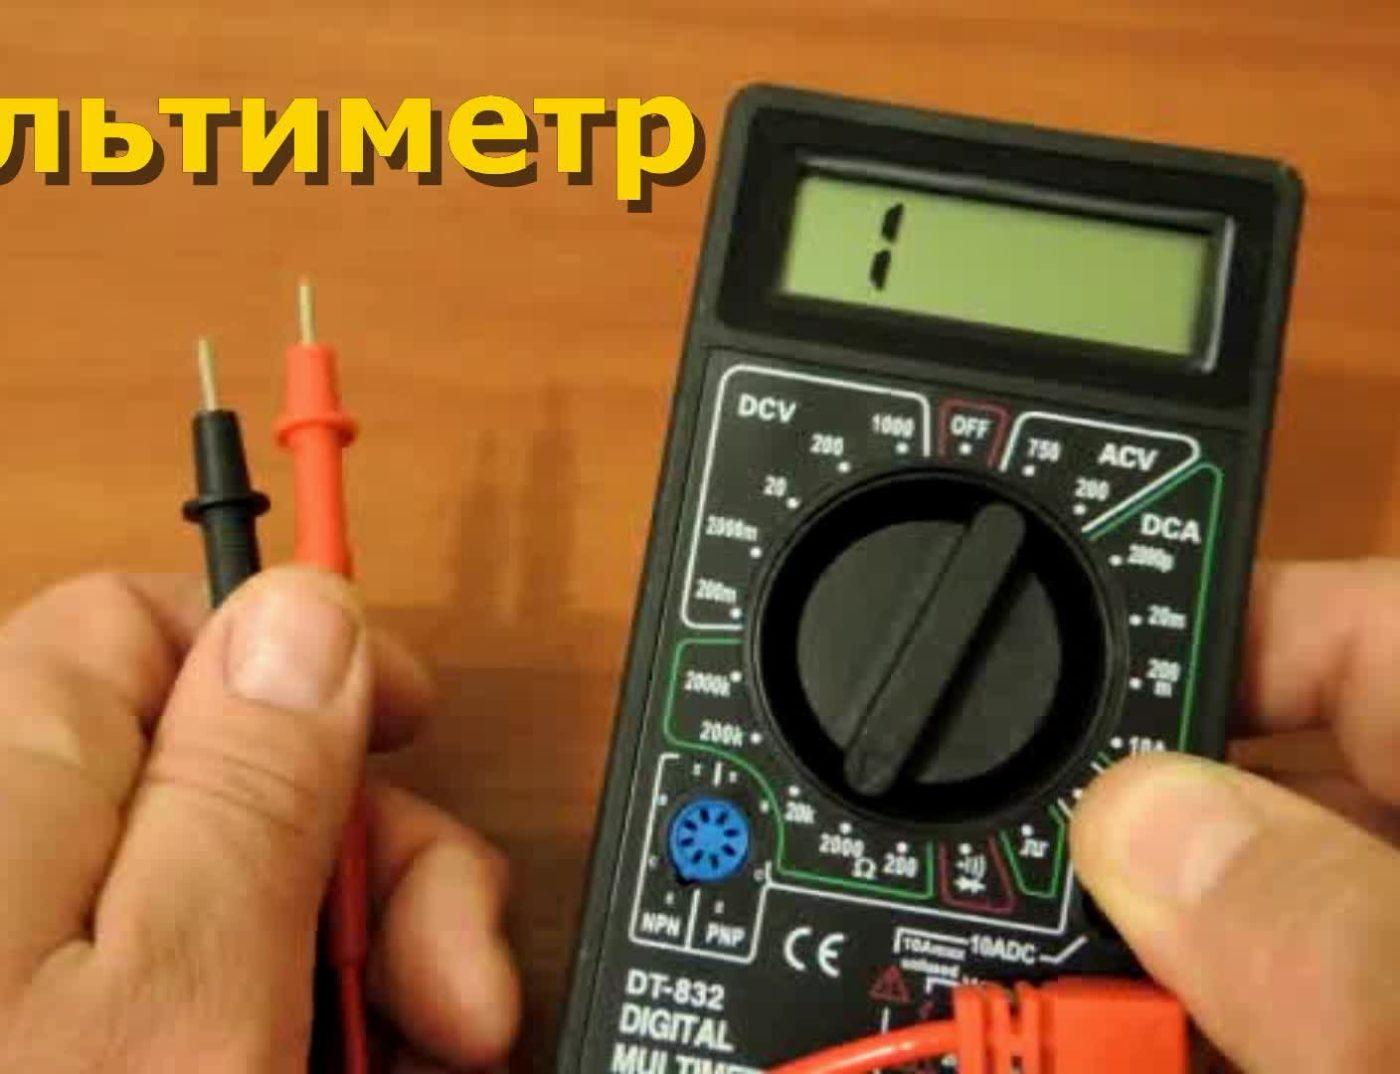 Как пользоваться мультиметром для чайников - видео